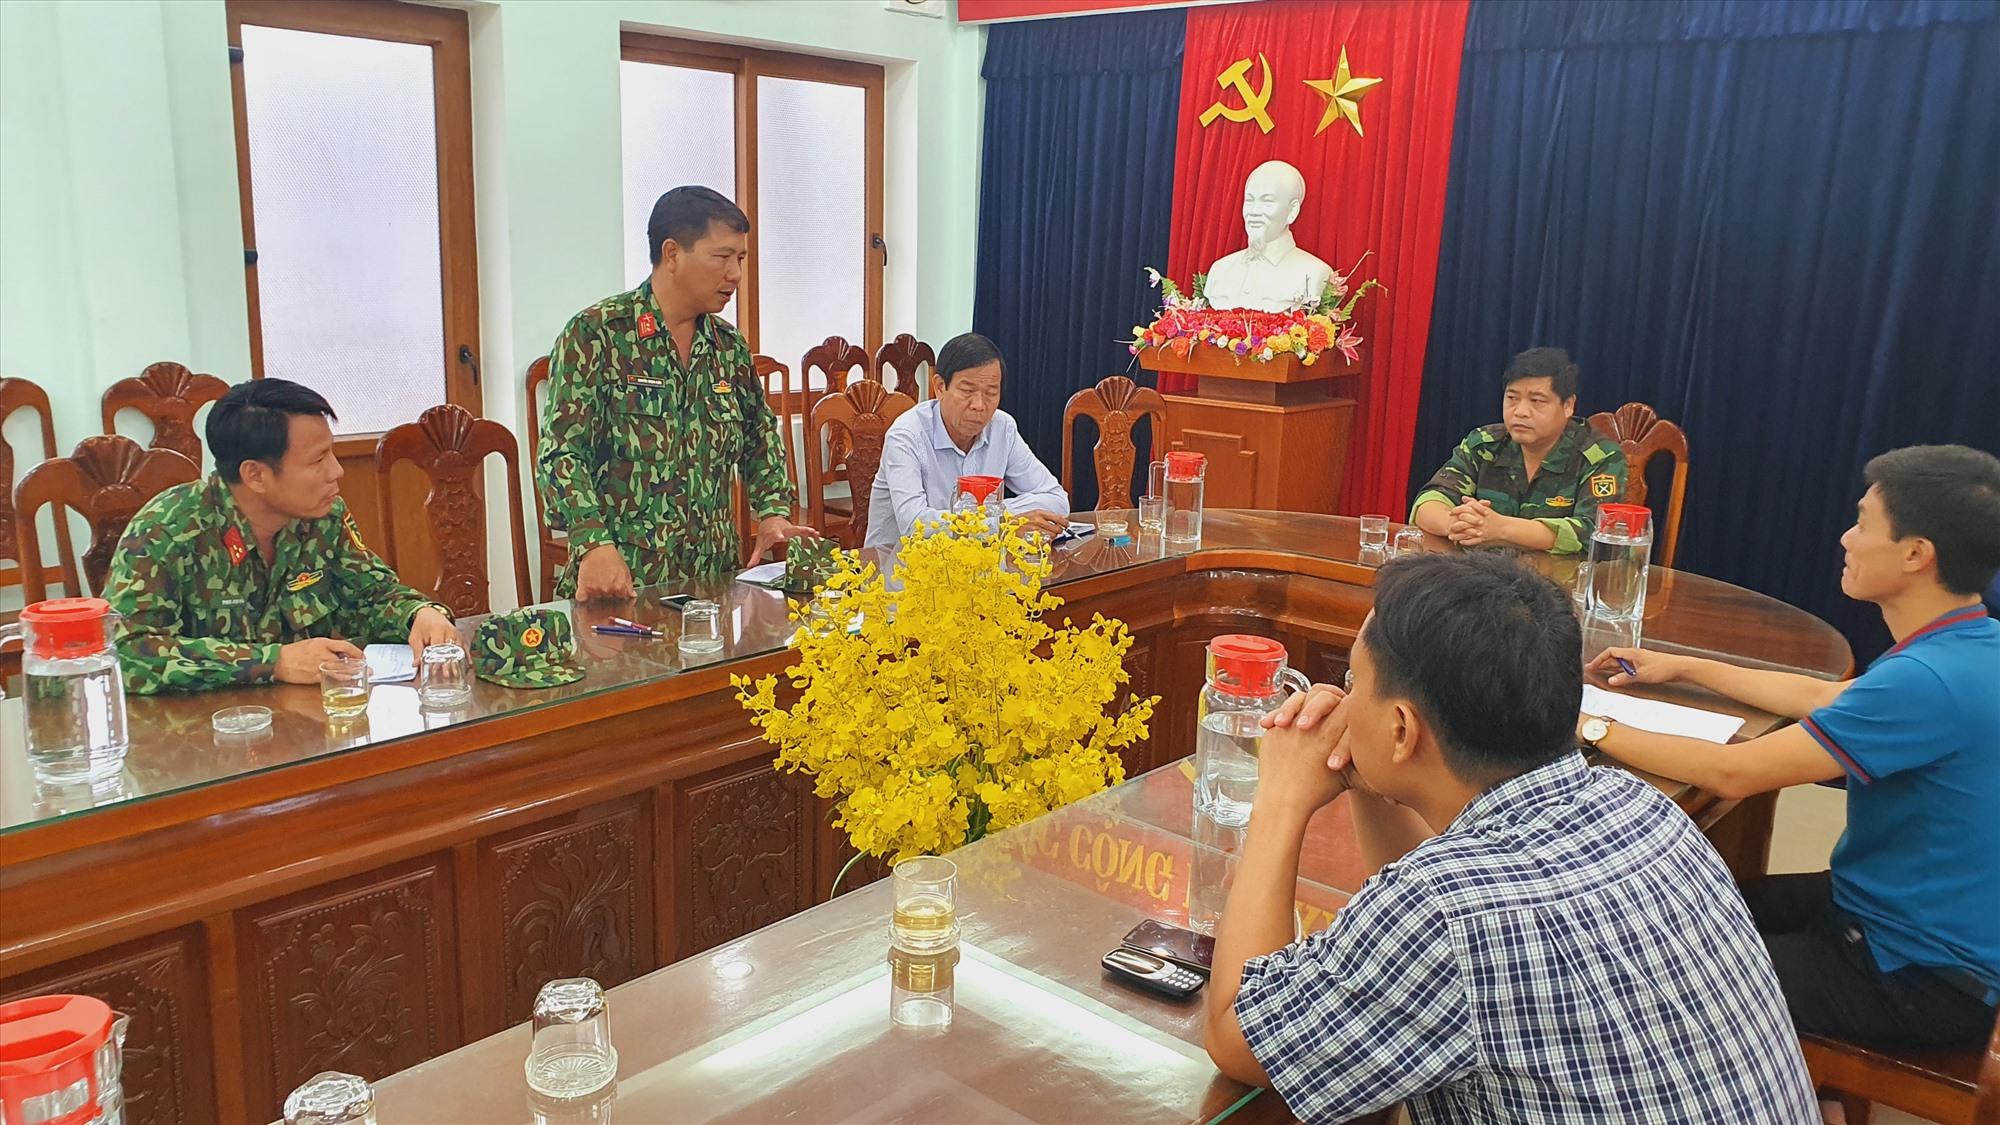 Trưởng Ban Nội chính Tỉnh ủy họp bàn với địa phương về việc tiếp tế cho người dân xã Phước Thành, Phước Lộc.